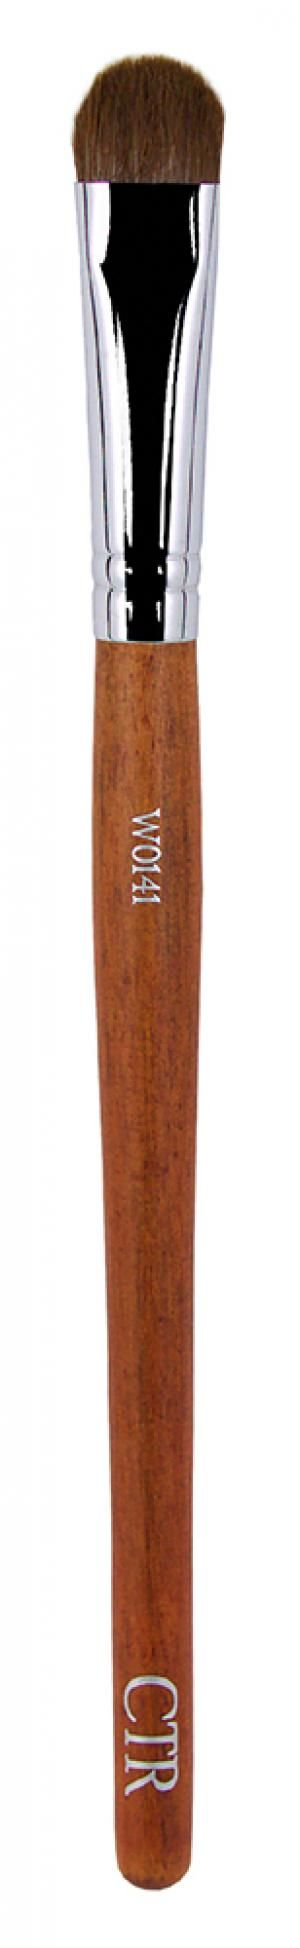 Кисть для нанесення тіней ворс соболь W0141  - 00-00011574